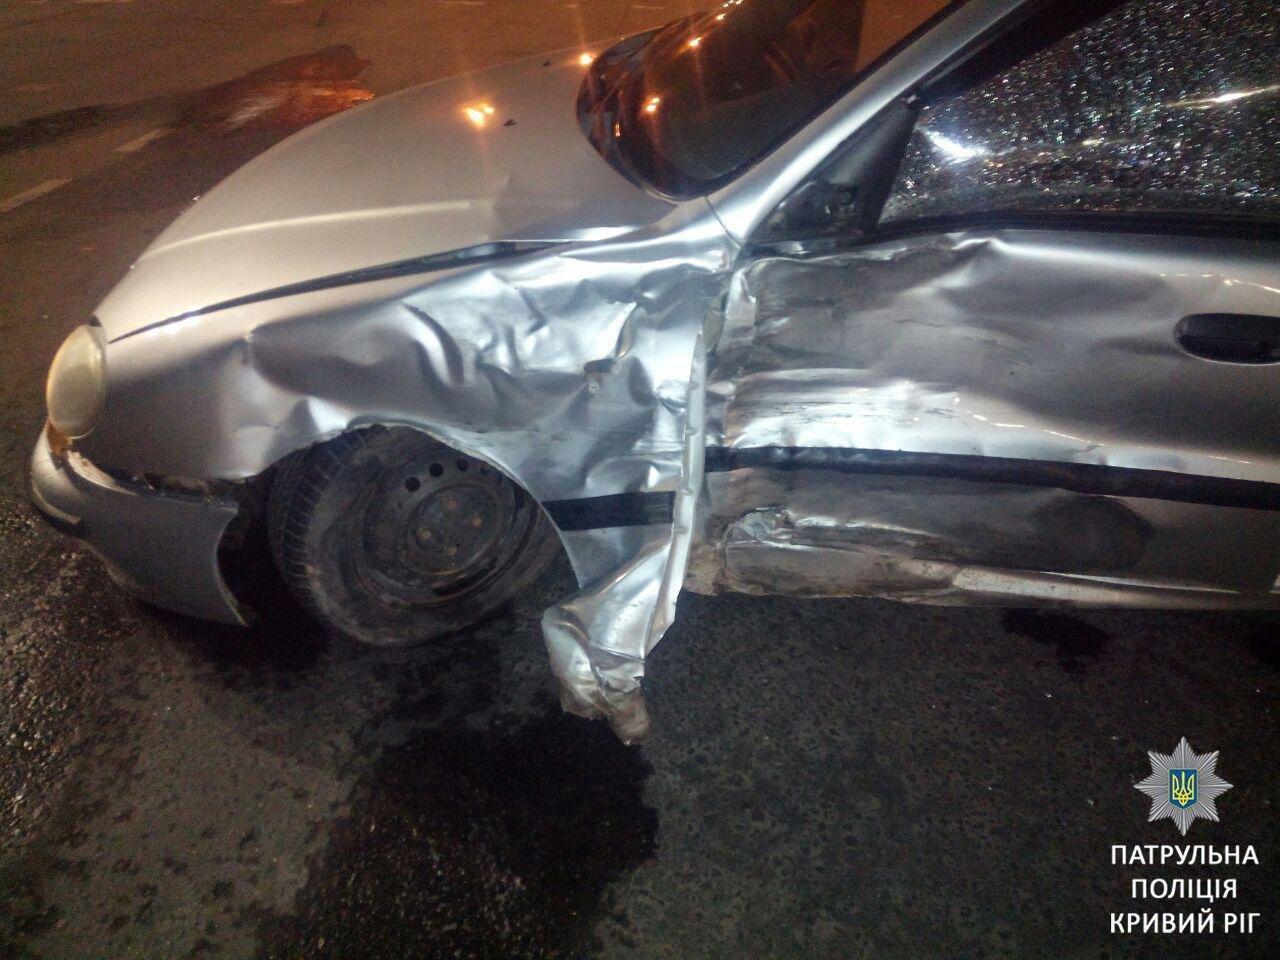 """В Кривом Роге в результате ДТП пострадал водитель Daewoo, который был """"под кайфом"""", - ФОТО, фото-1"""